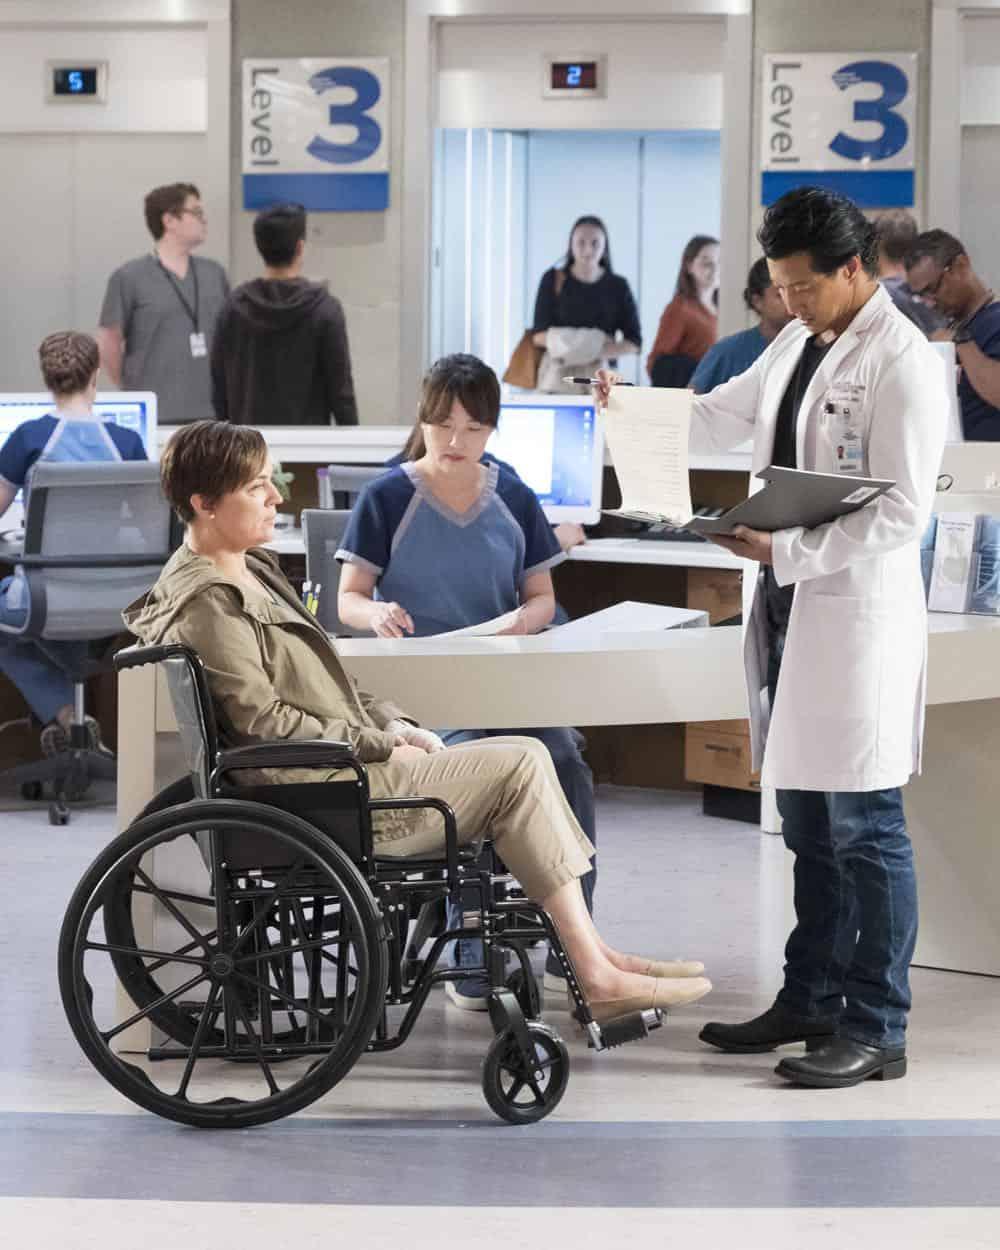 THE GOOD DOCTOR Season 2 Episode 4 Tough Titmouse 06